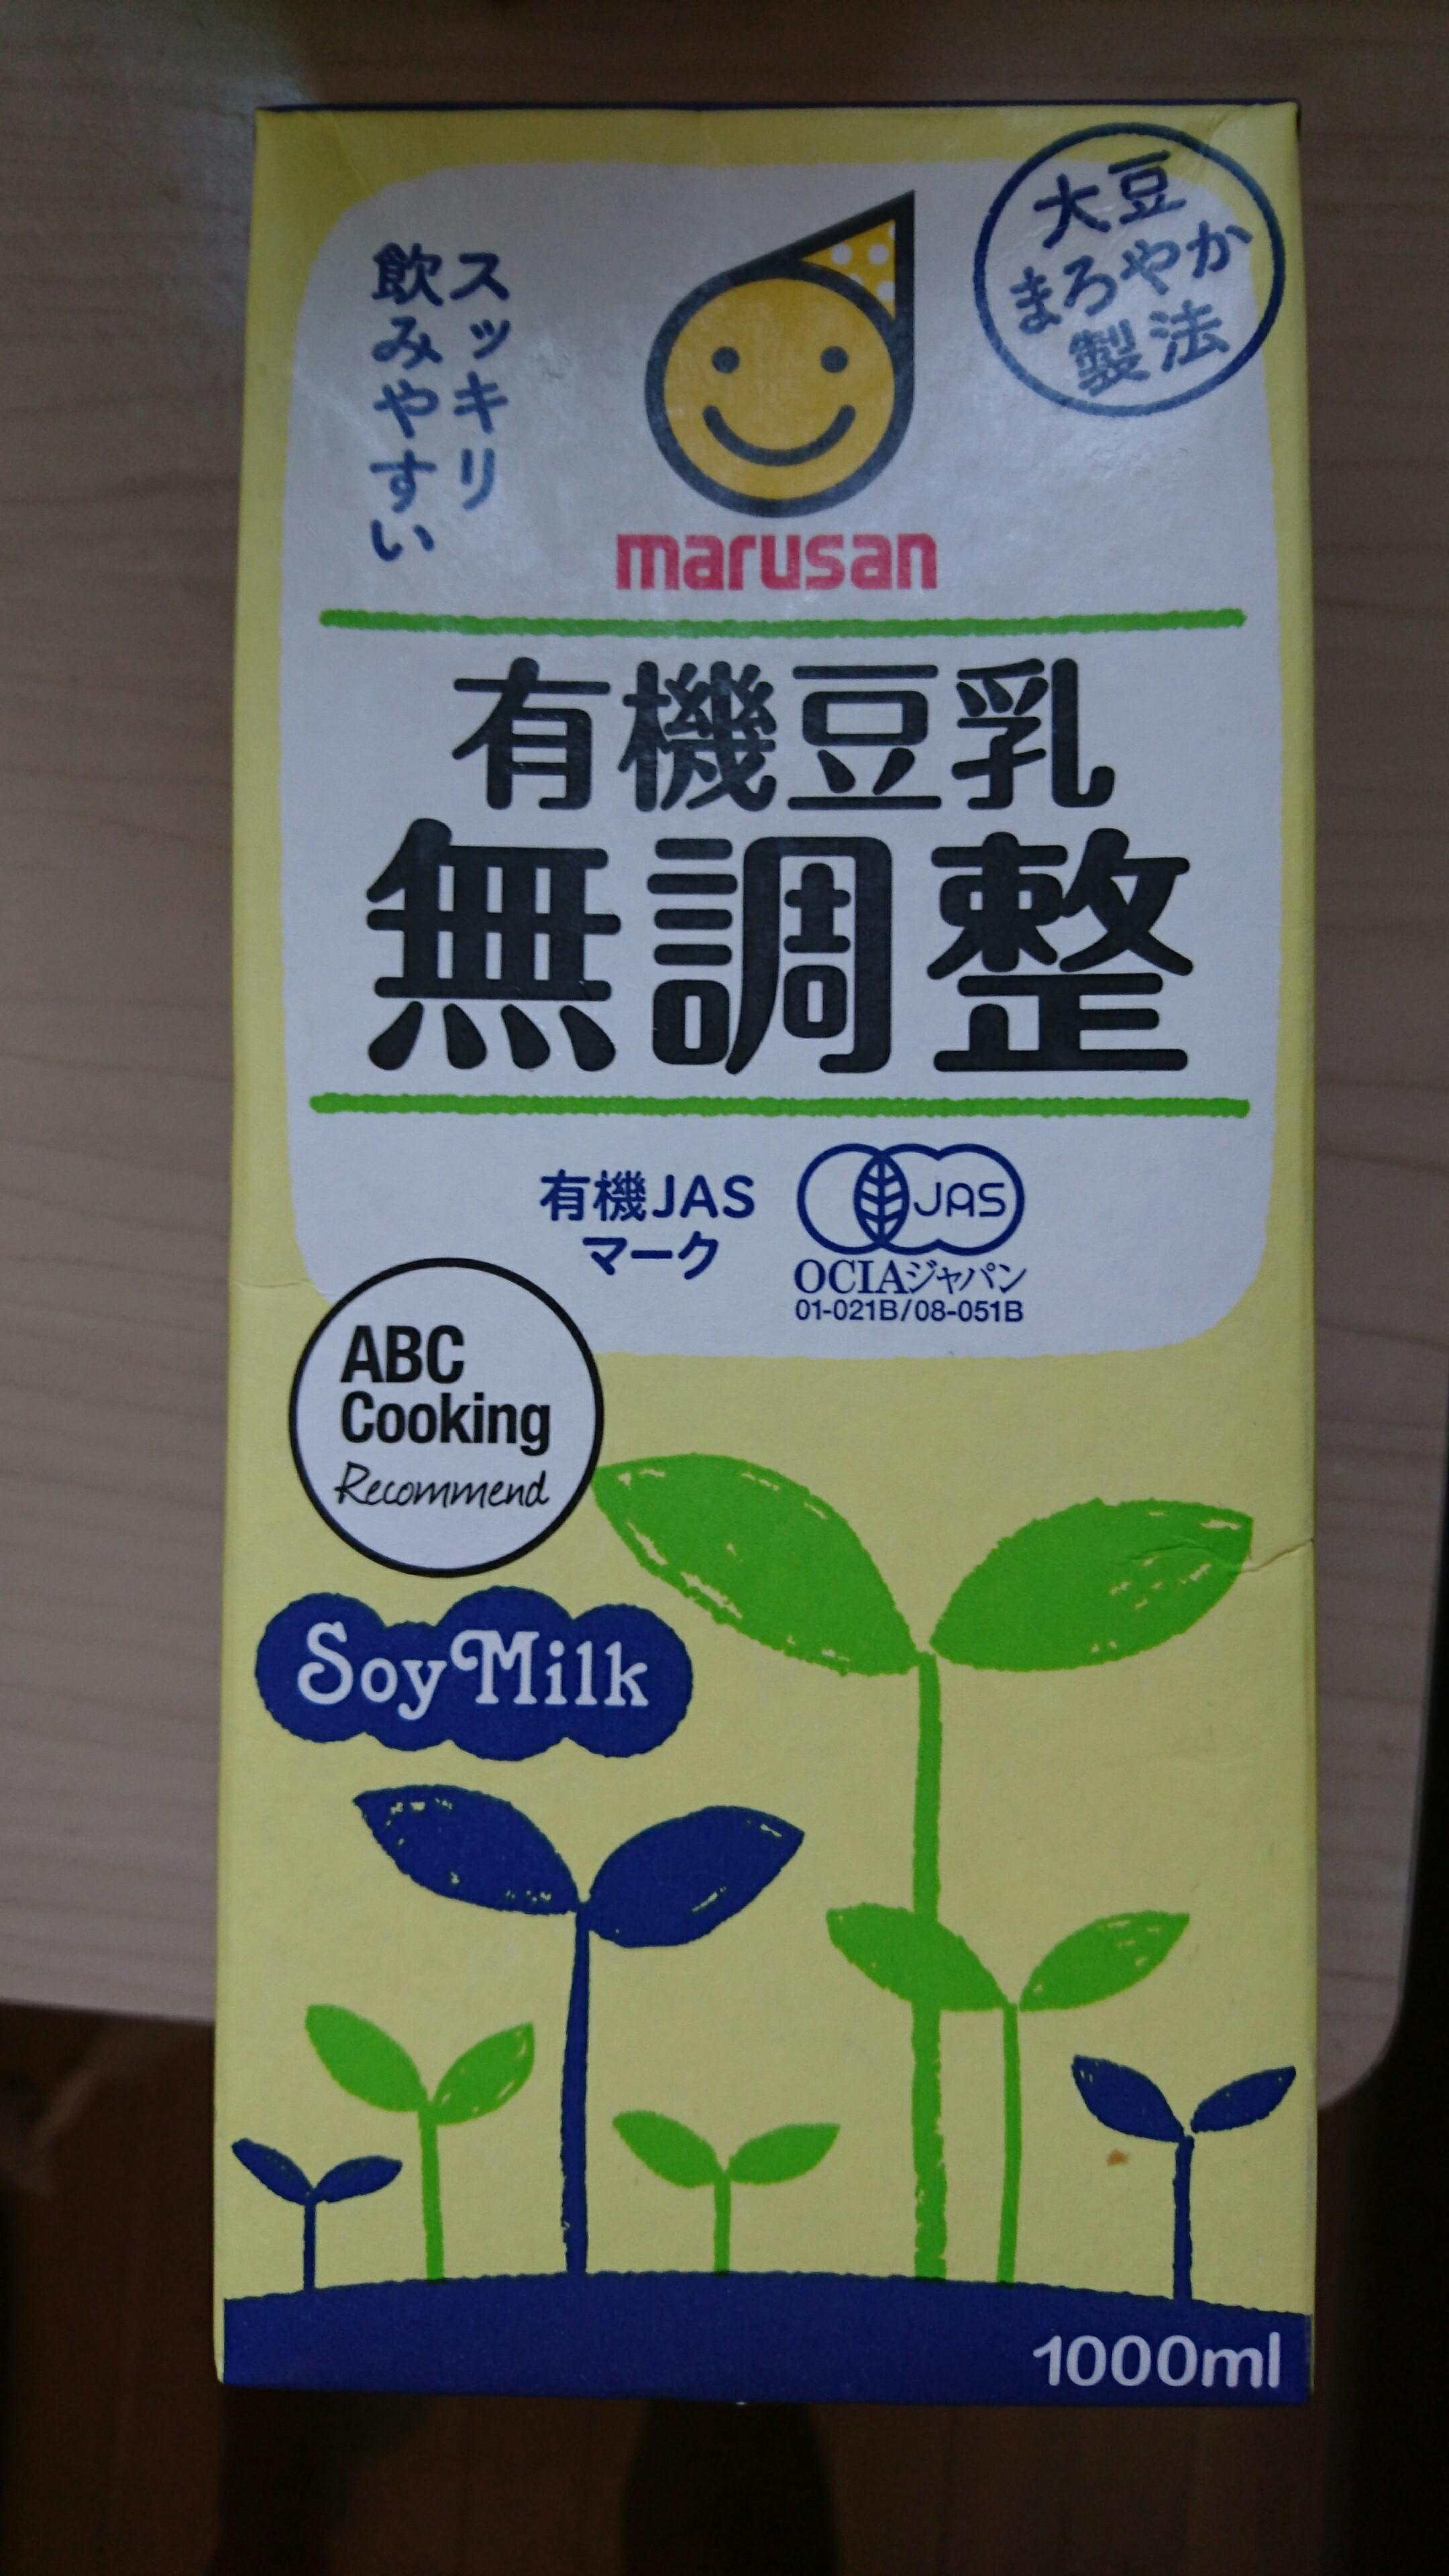 糖質制限に欠かせない豆乳!どれを買うべきか勝手にランキング!